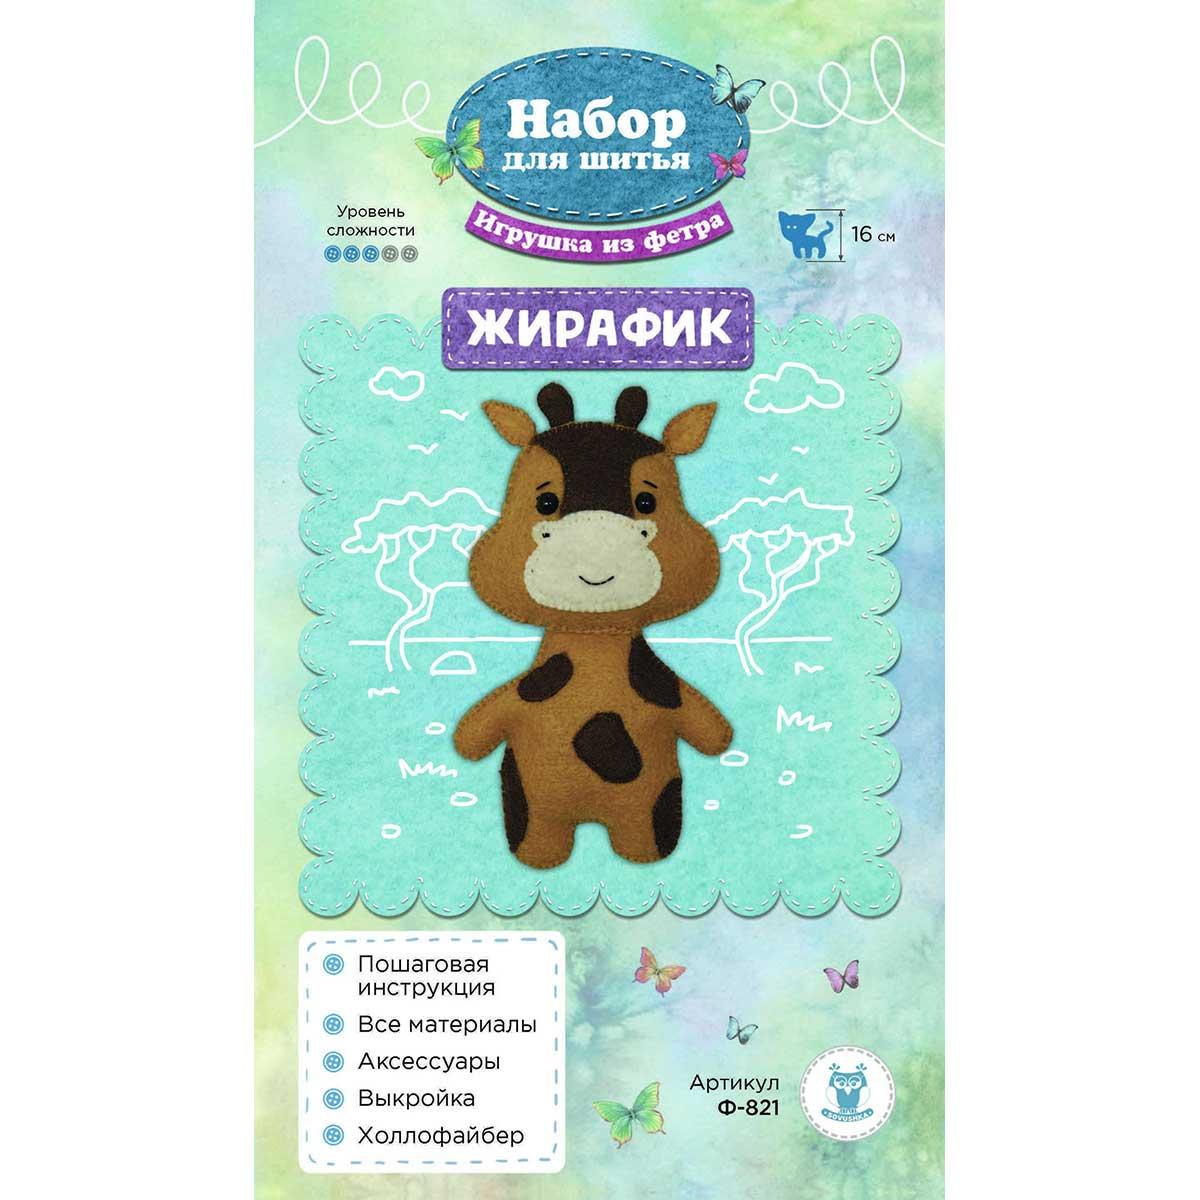 Ф-821 Набор для шитья игрушки из фетра 'Жирафик' 16см